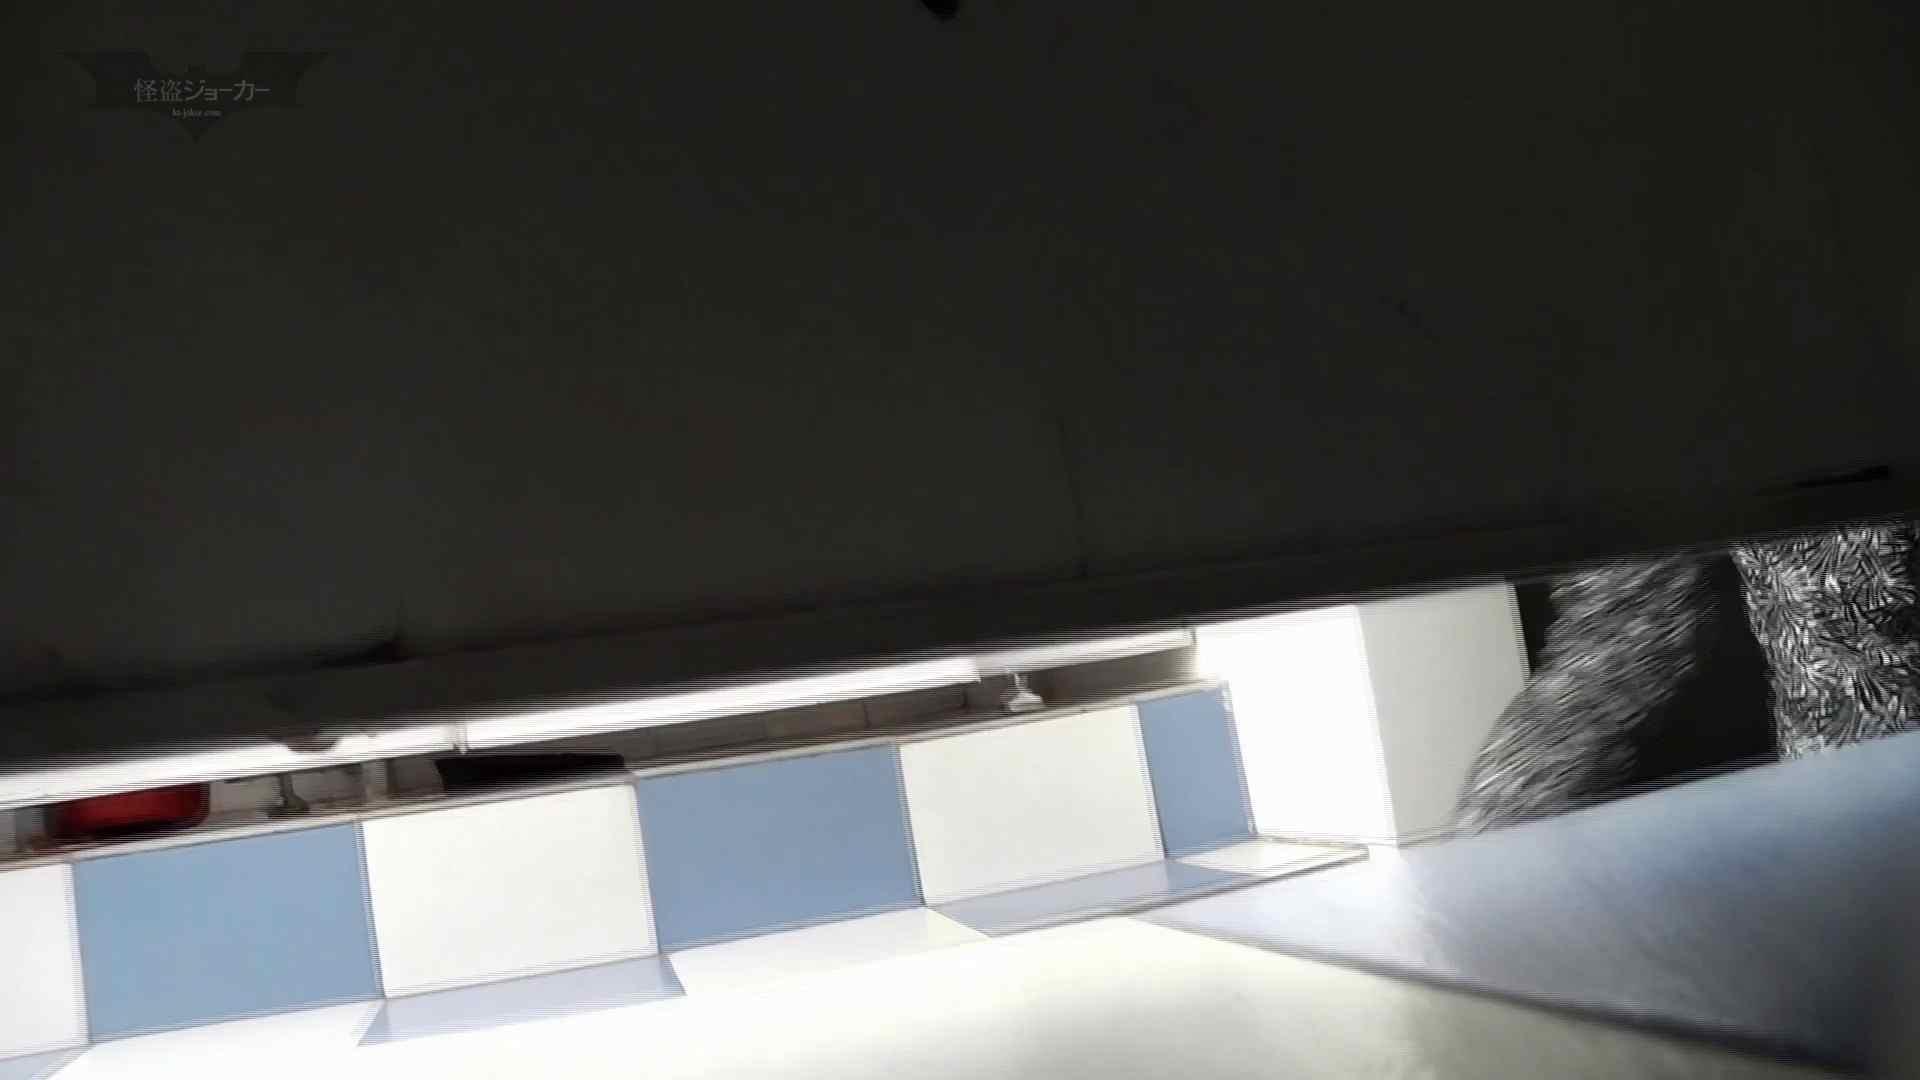 下からノゾム vol.031 扉を壊しみたら、漏れそうな子が閉じずに入ってくれた 色っぽいOL達  78pic 20